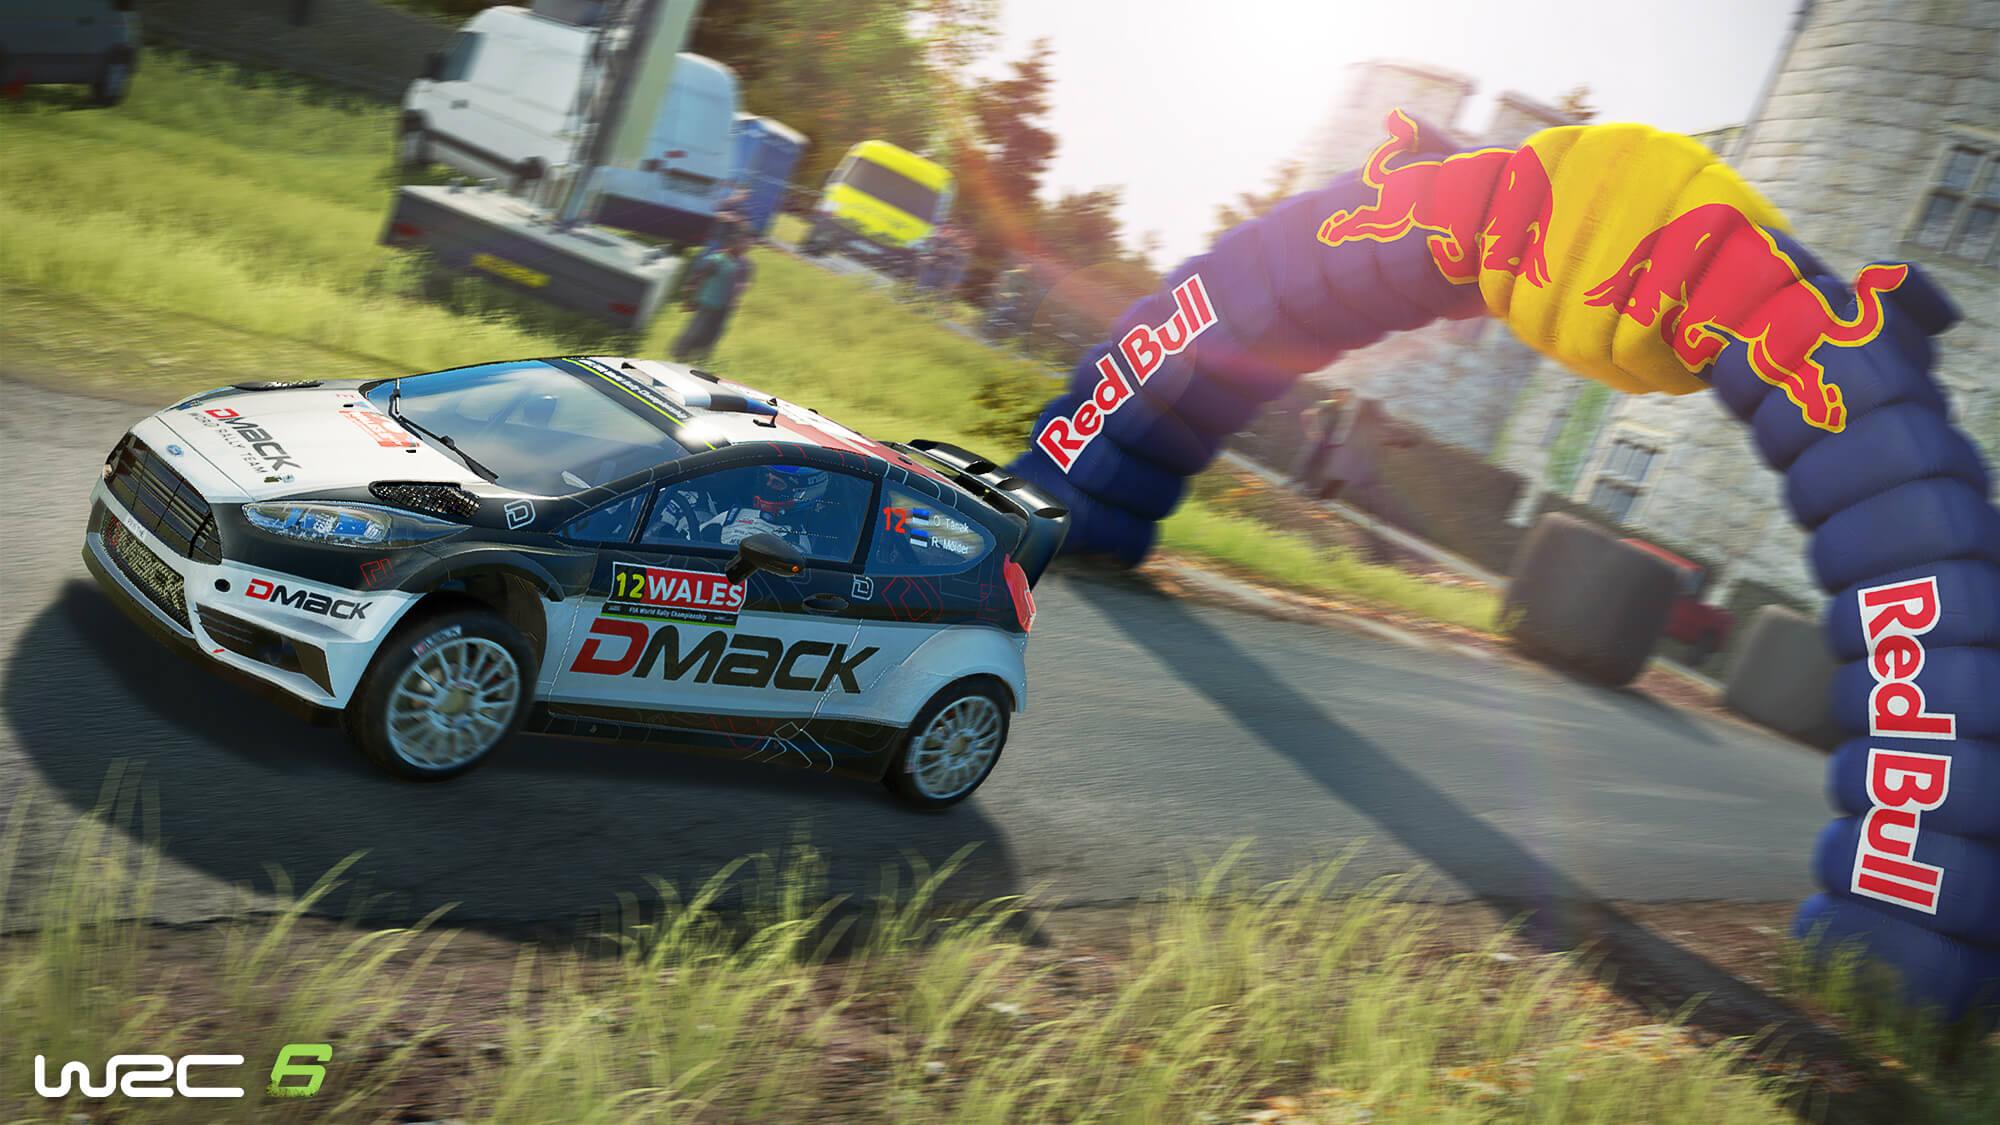 wrc-6-nuevo-juego-de-rally